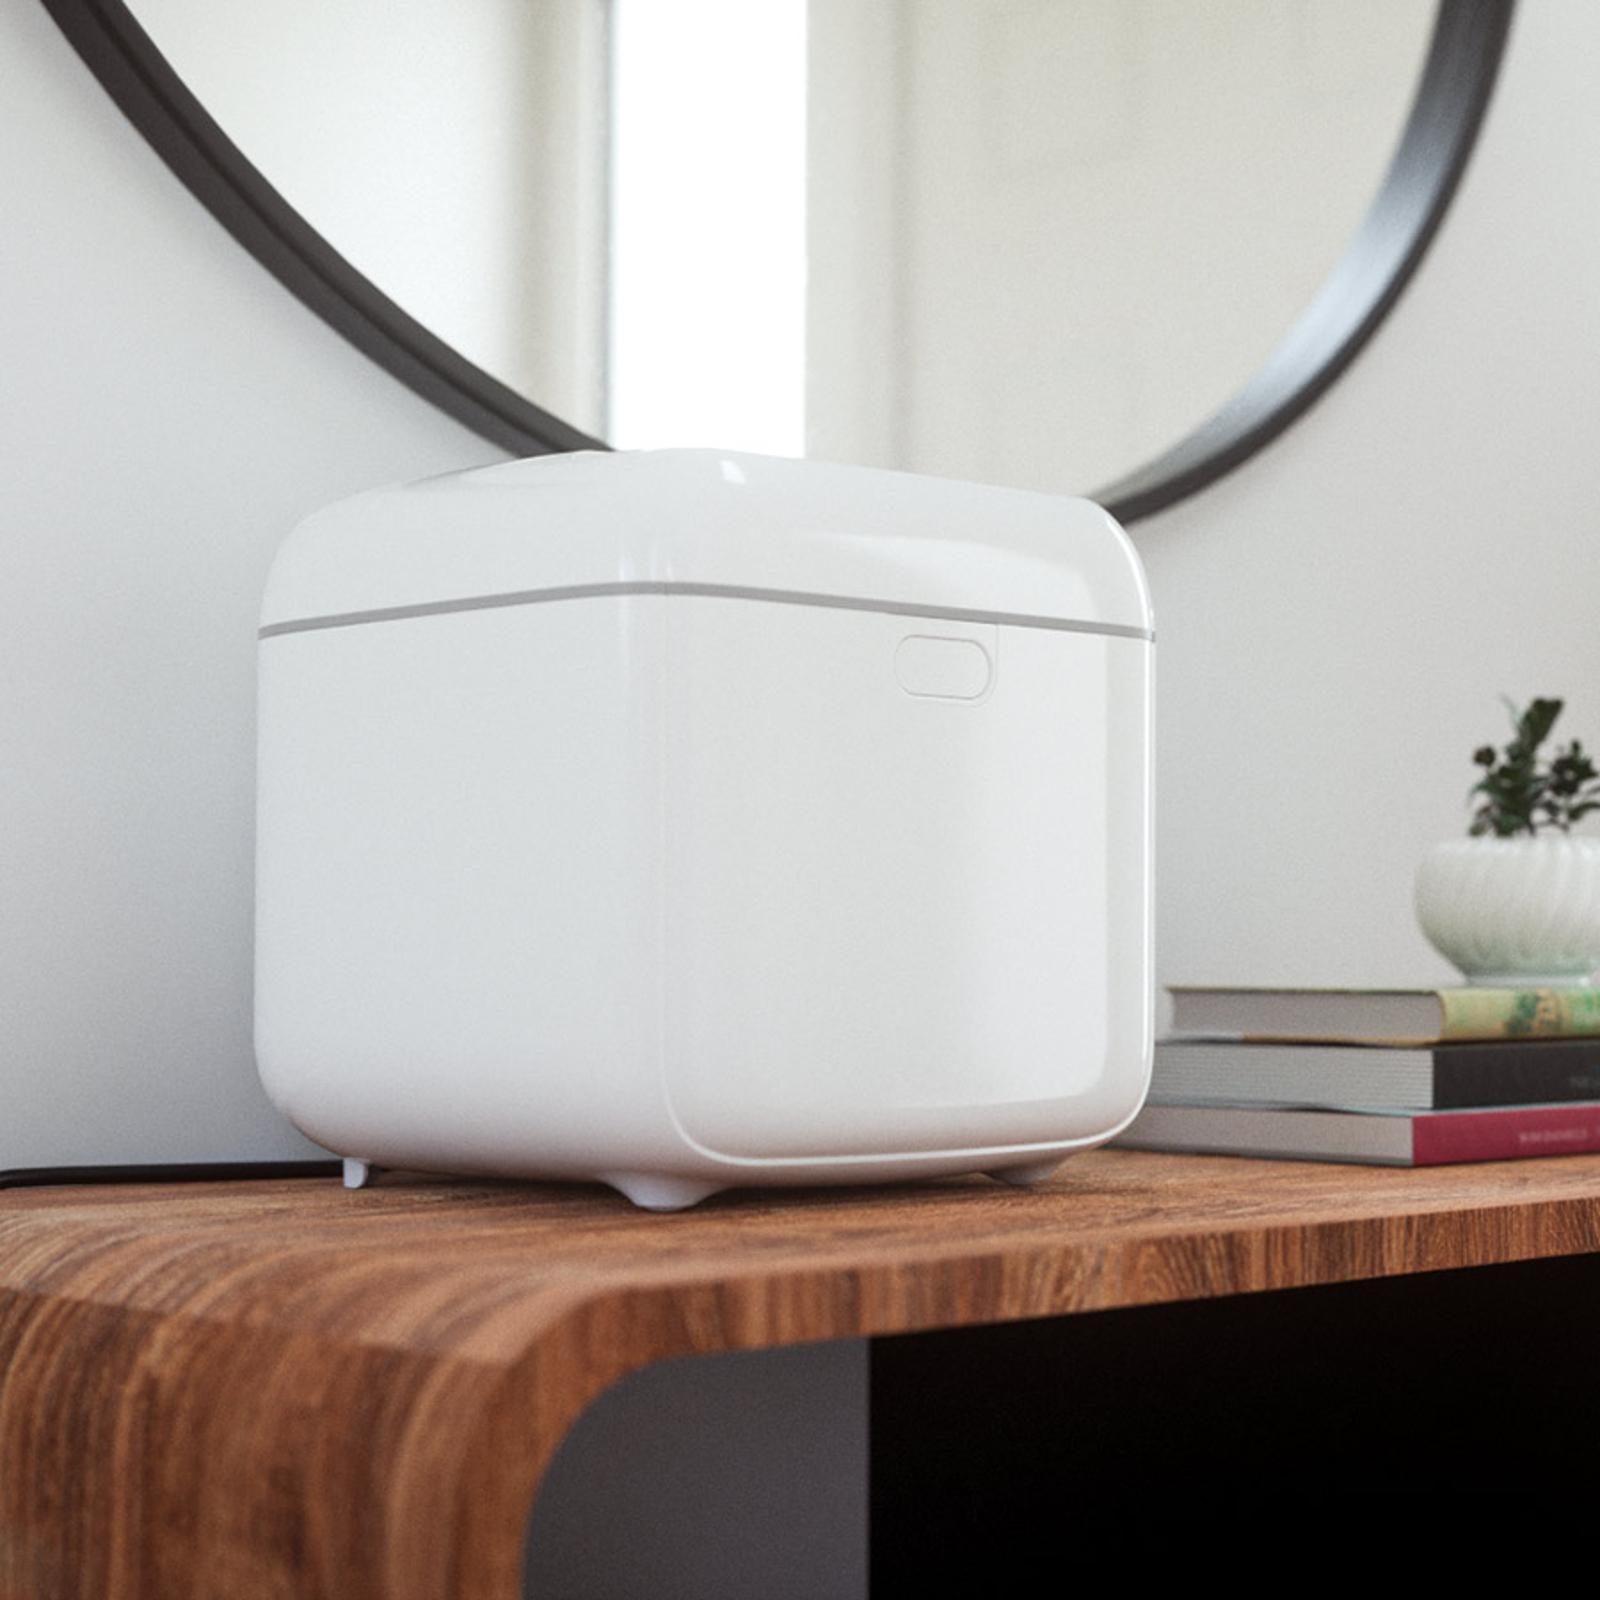 Philips UV-C-Desinfektionsbox für den Haushalt